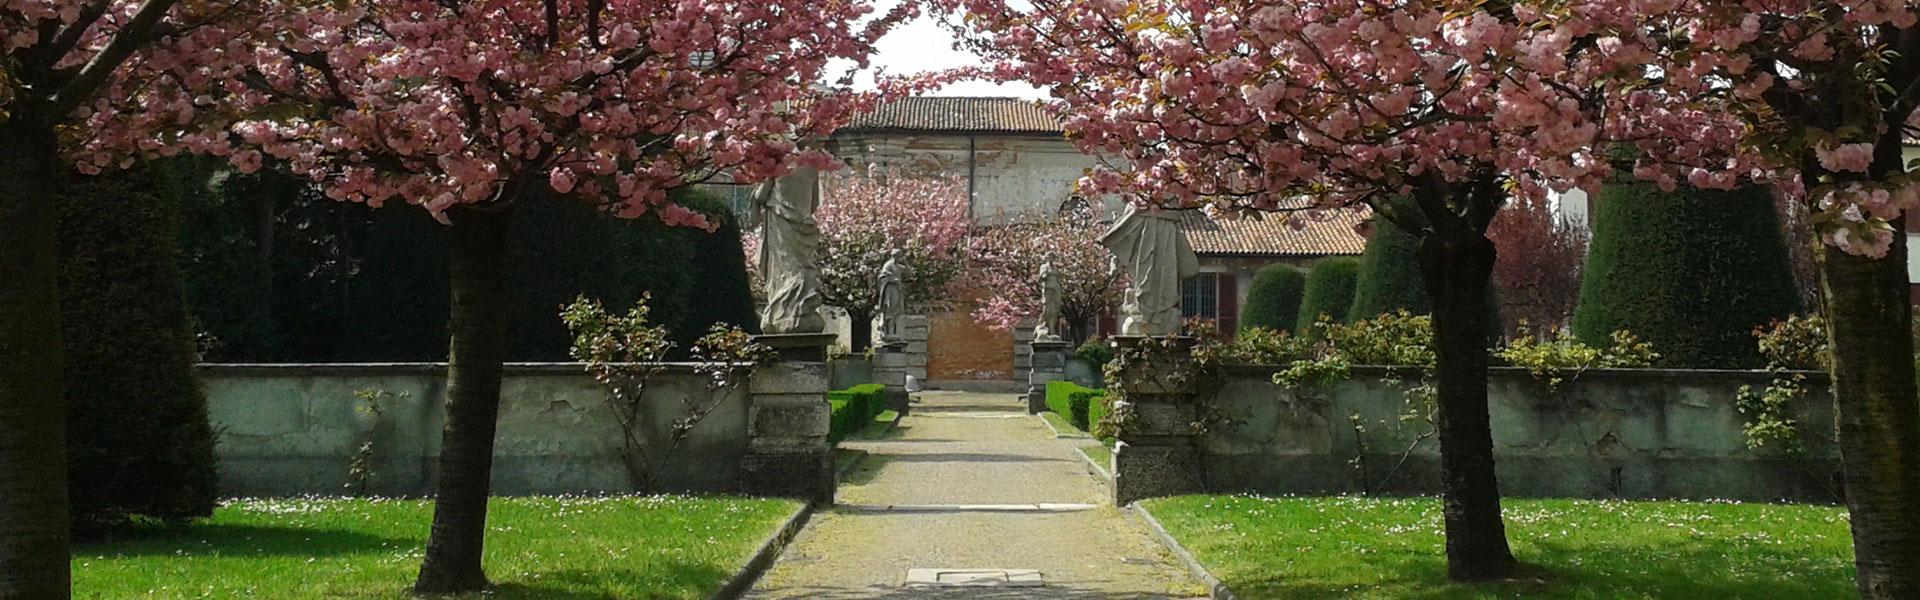 giardino-in-fiore